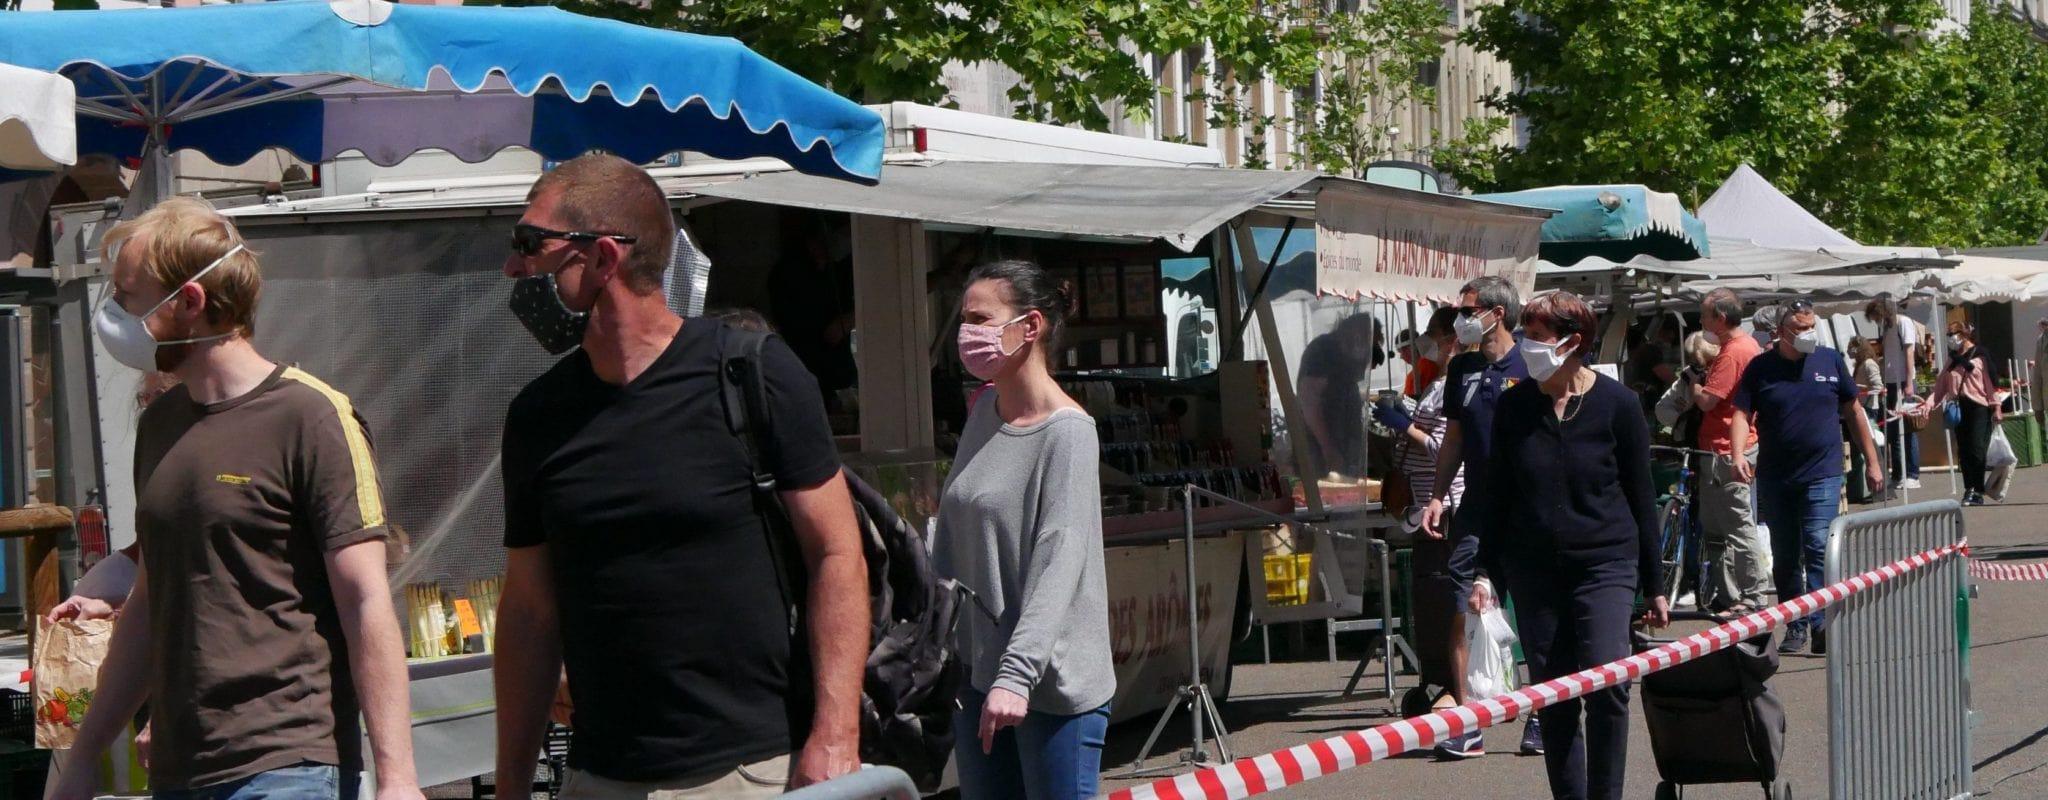 Port du masque et distanciation physique provoquent des accrochages au marché de la Marne